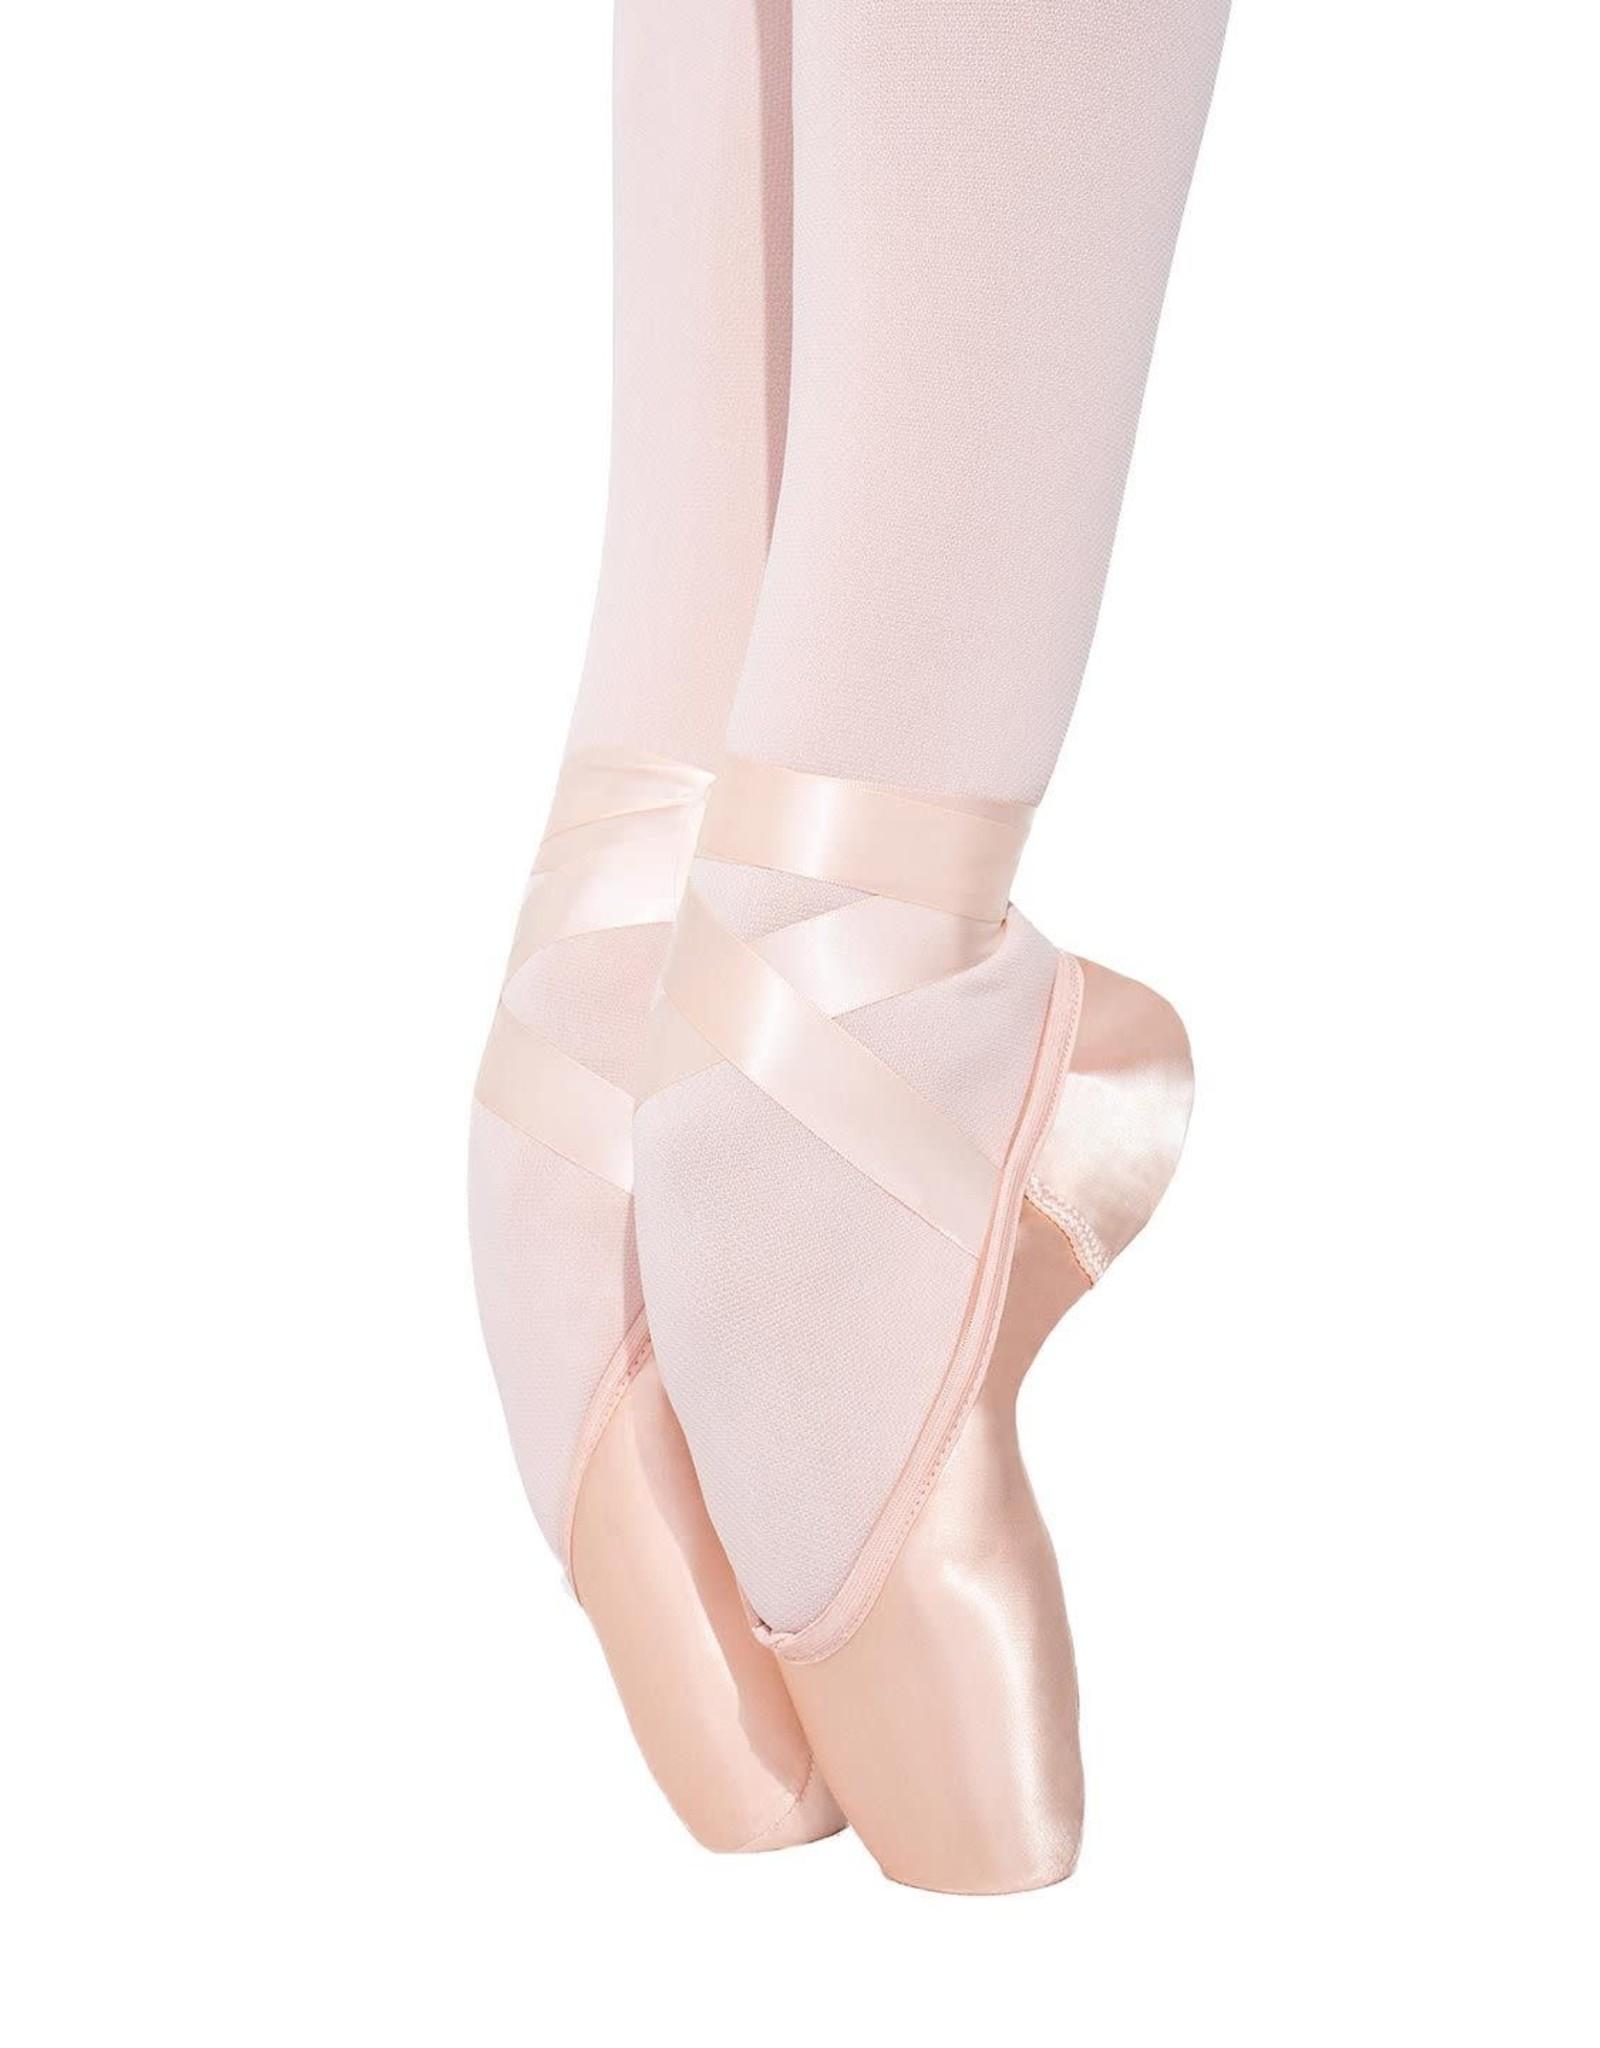 Capezio Capezio Airess Broad Toe (FlexiFirm) Pointe Shoe